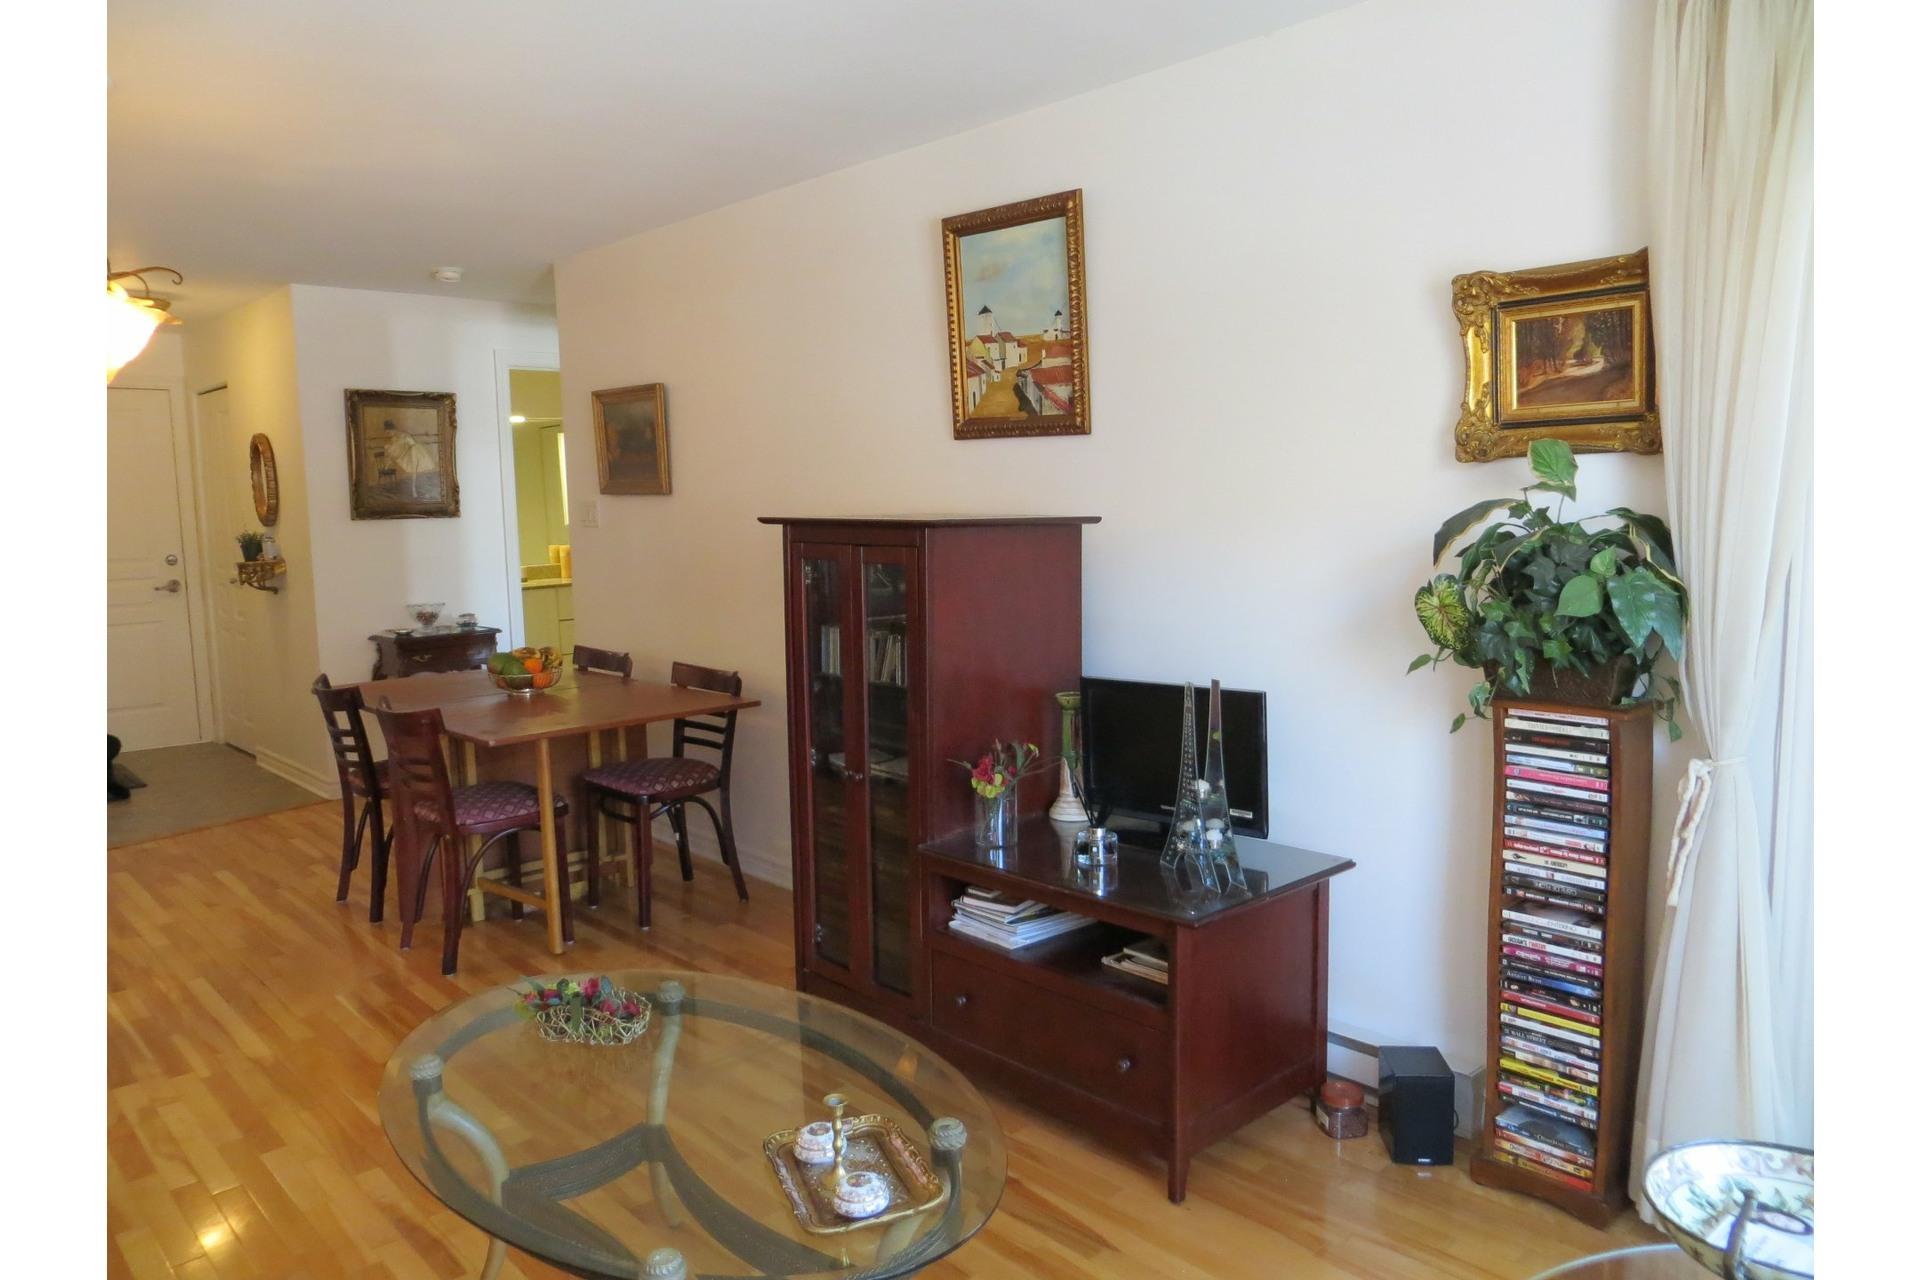 image 9 - Appartement À vendre Côte-des-Neiges/Notre-Dame-de-Grâce Montréal  - 6 pièces